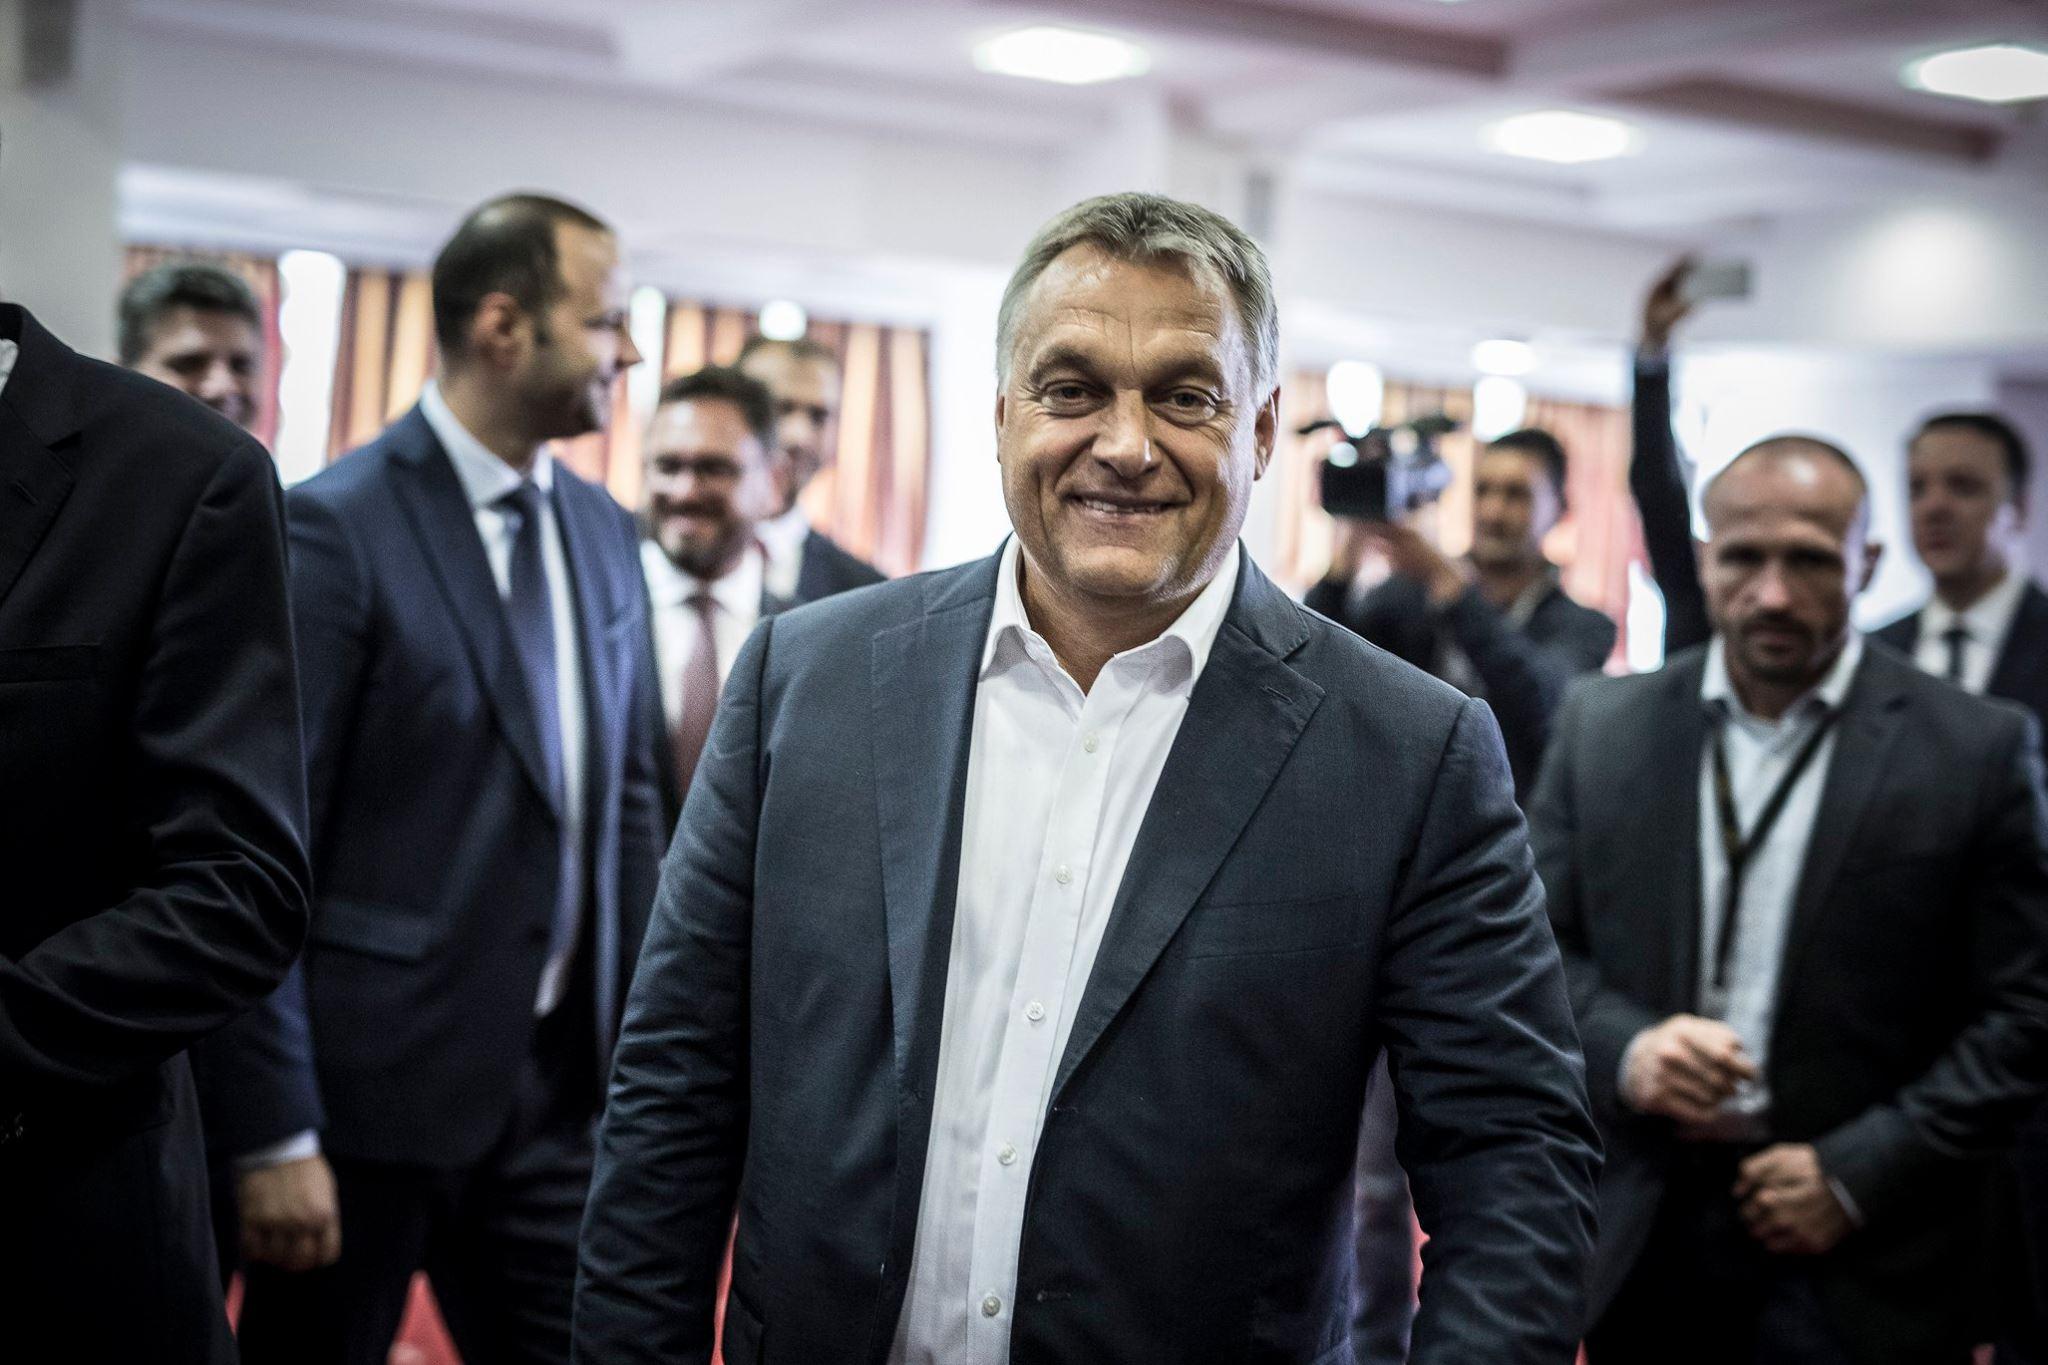 Jegyezzük meg a napot, amikor Orbán nyíltan kiállt az ostoba, rasszista erőszak mellett